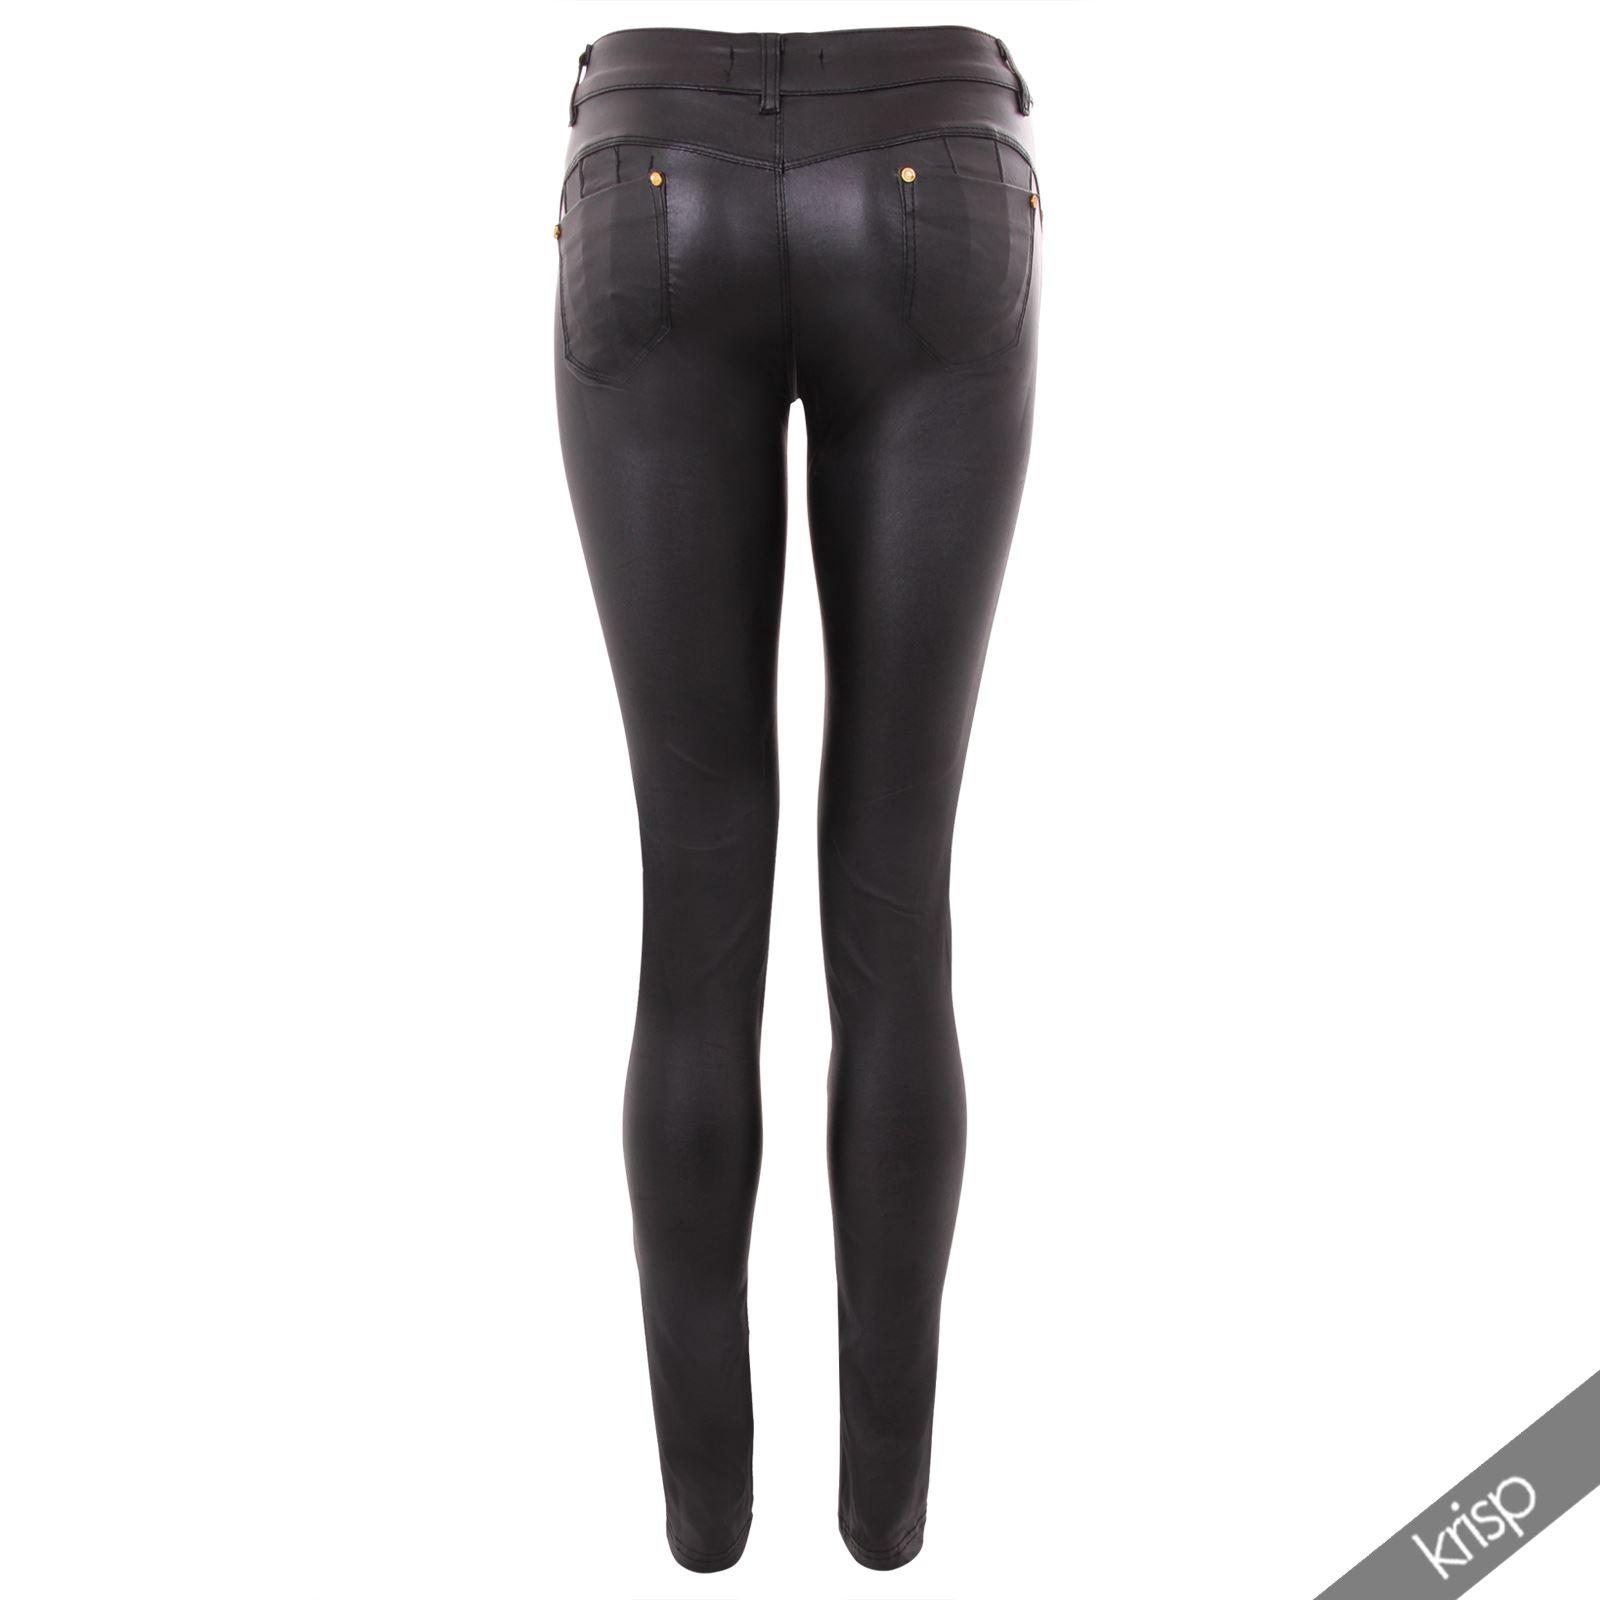 pantalon Femme Cuir Pantalon Moulant Moulant Noir 4Aj5LR